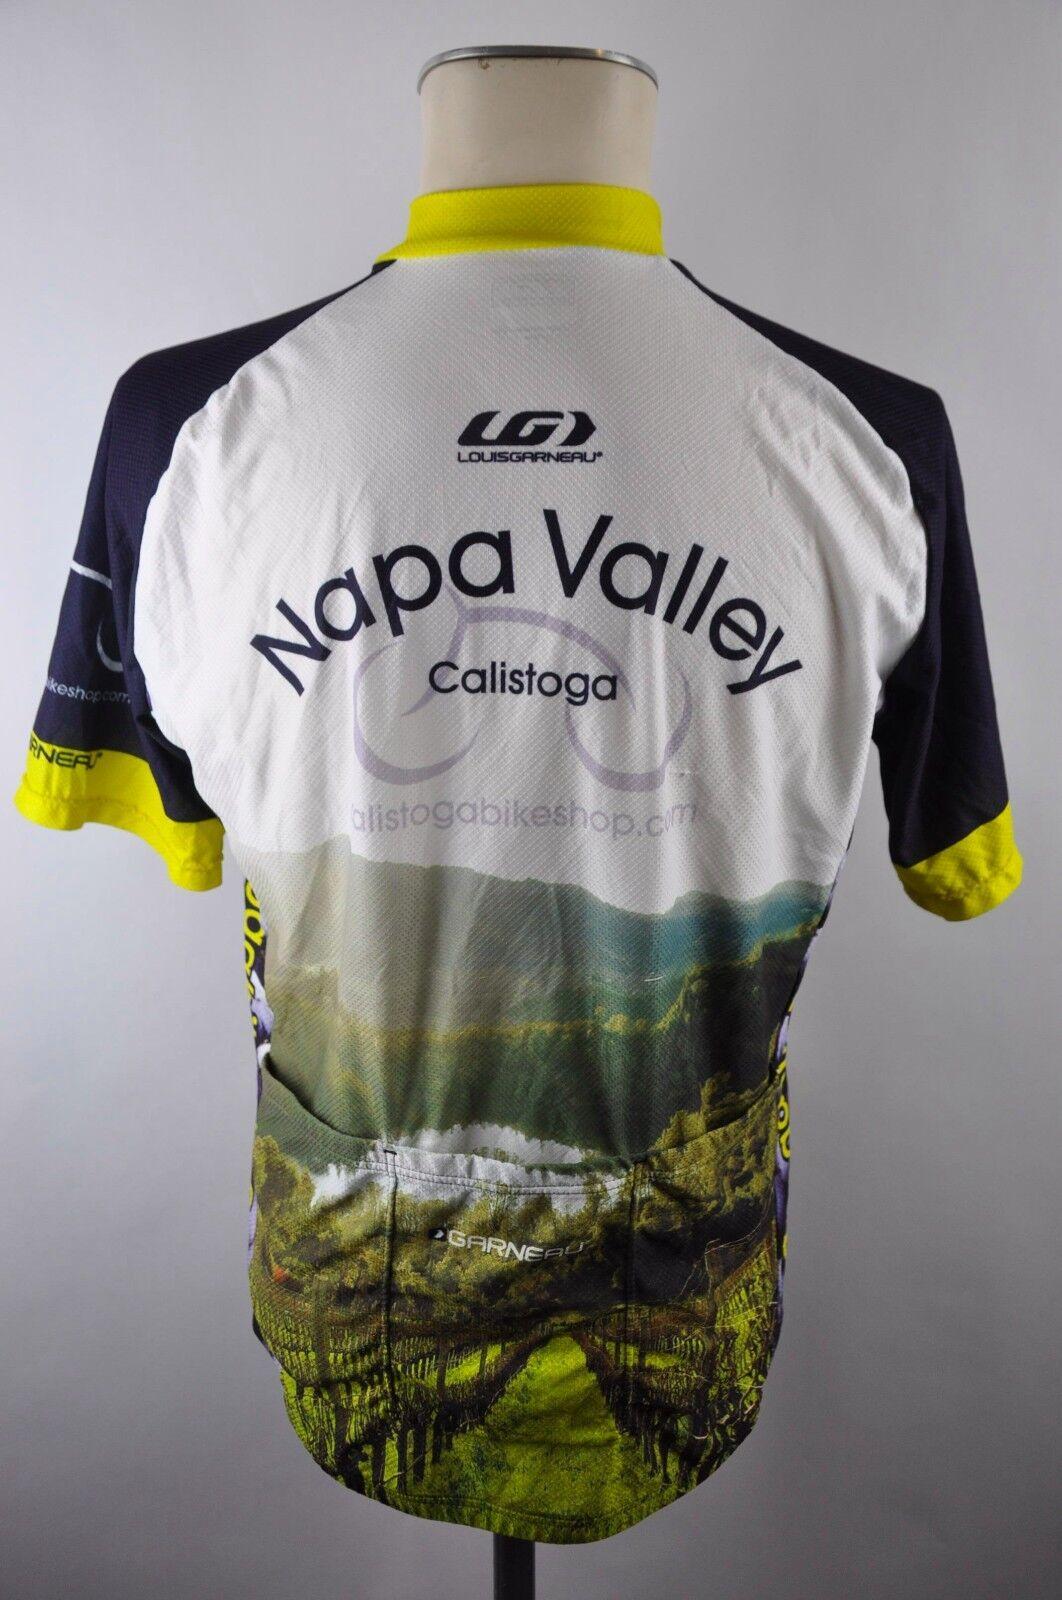 Louis Garneau Nappa Nappa Nappa Valley CYCLING JERSEY MAGLIA Ruota Maglia Taglia M 56m 21d dc1c7c